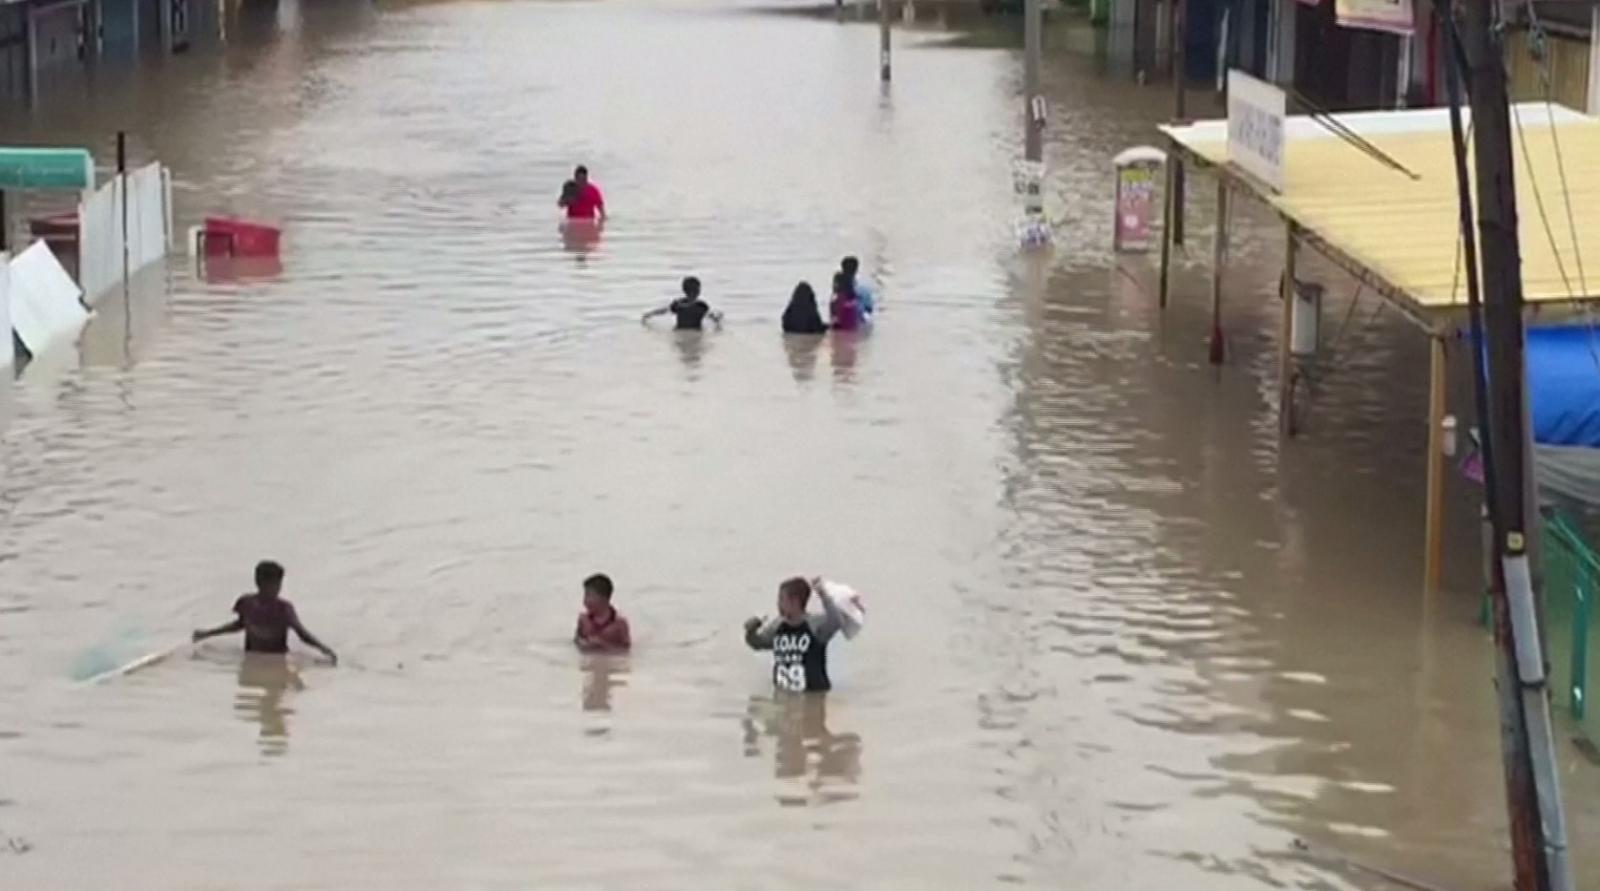 ปีนังเผชิญน้ำท่วมใหญ่ เสียชีวิต 2 ราย